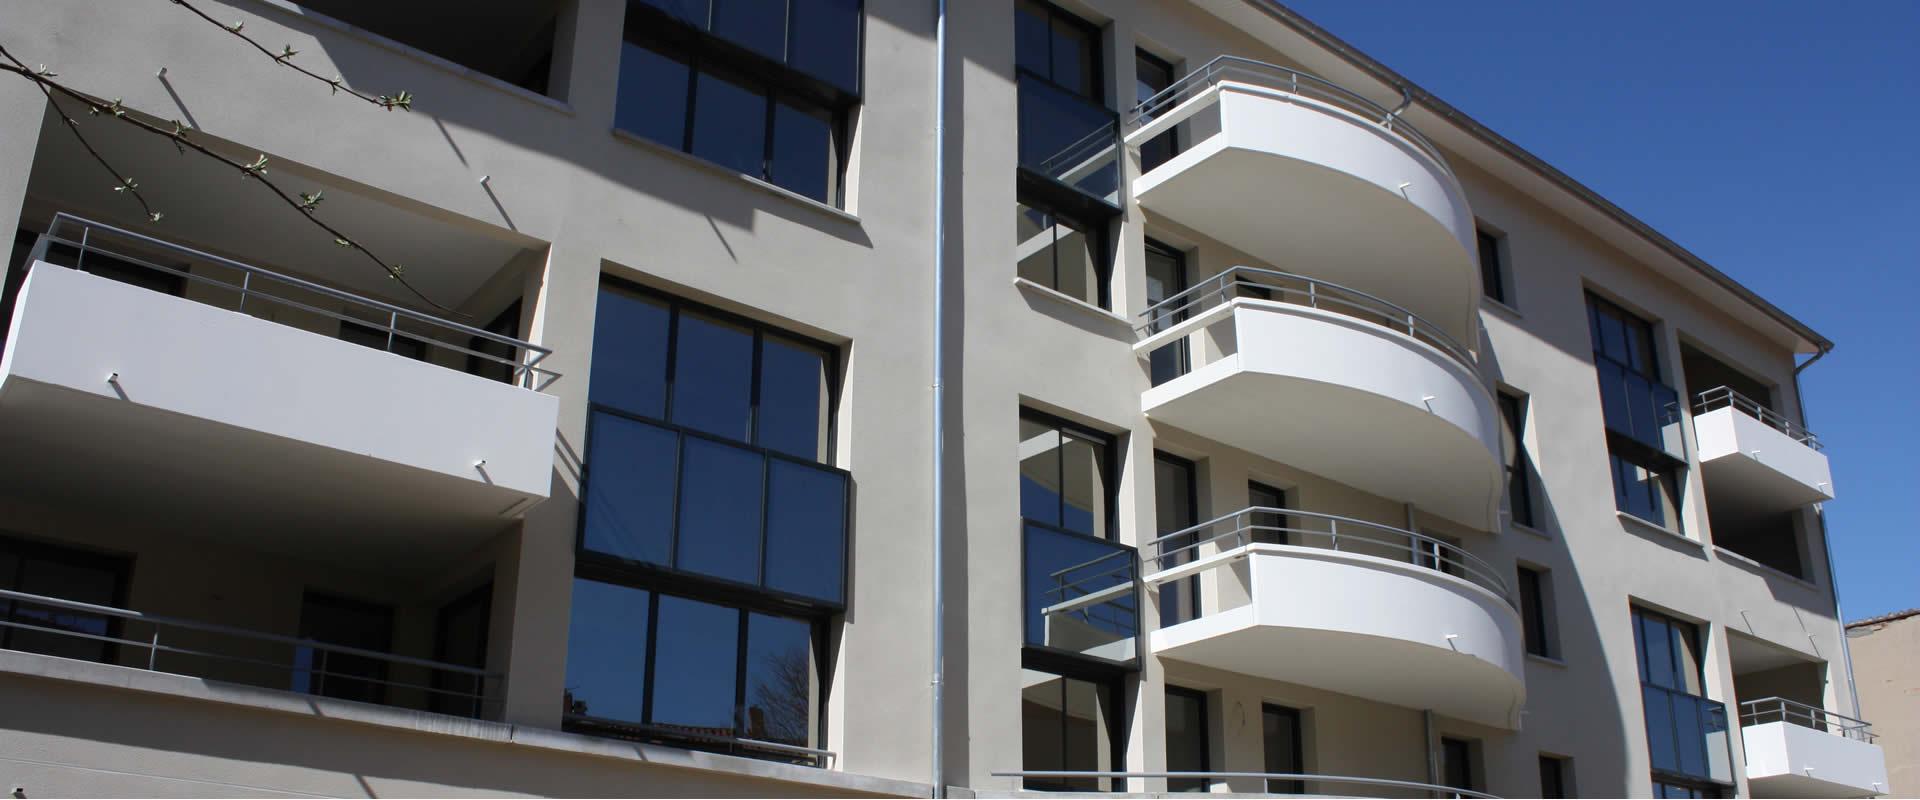 Votre location immobili re est elle bien isol e for Site location immobiliere